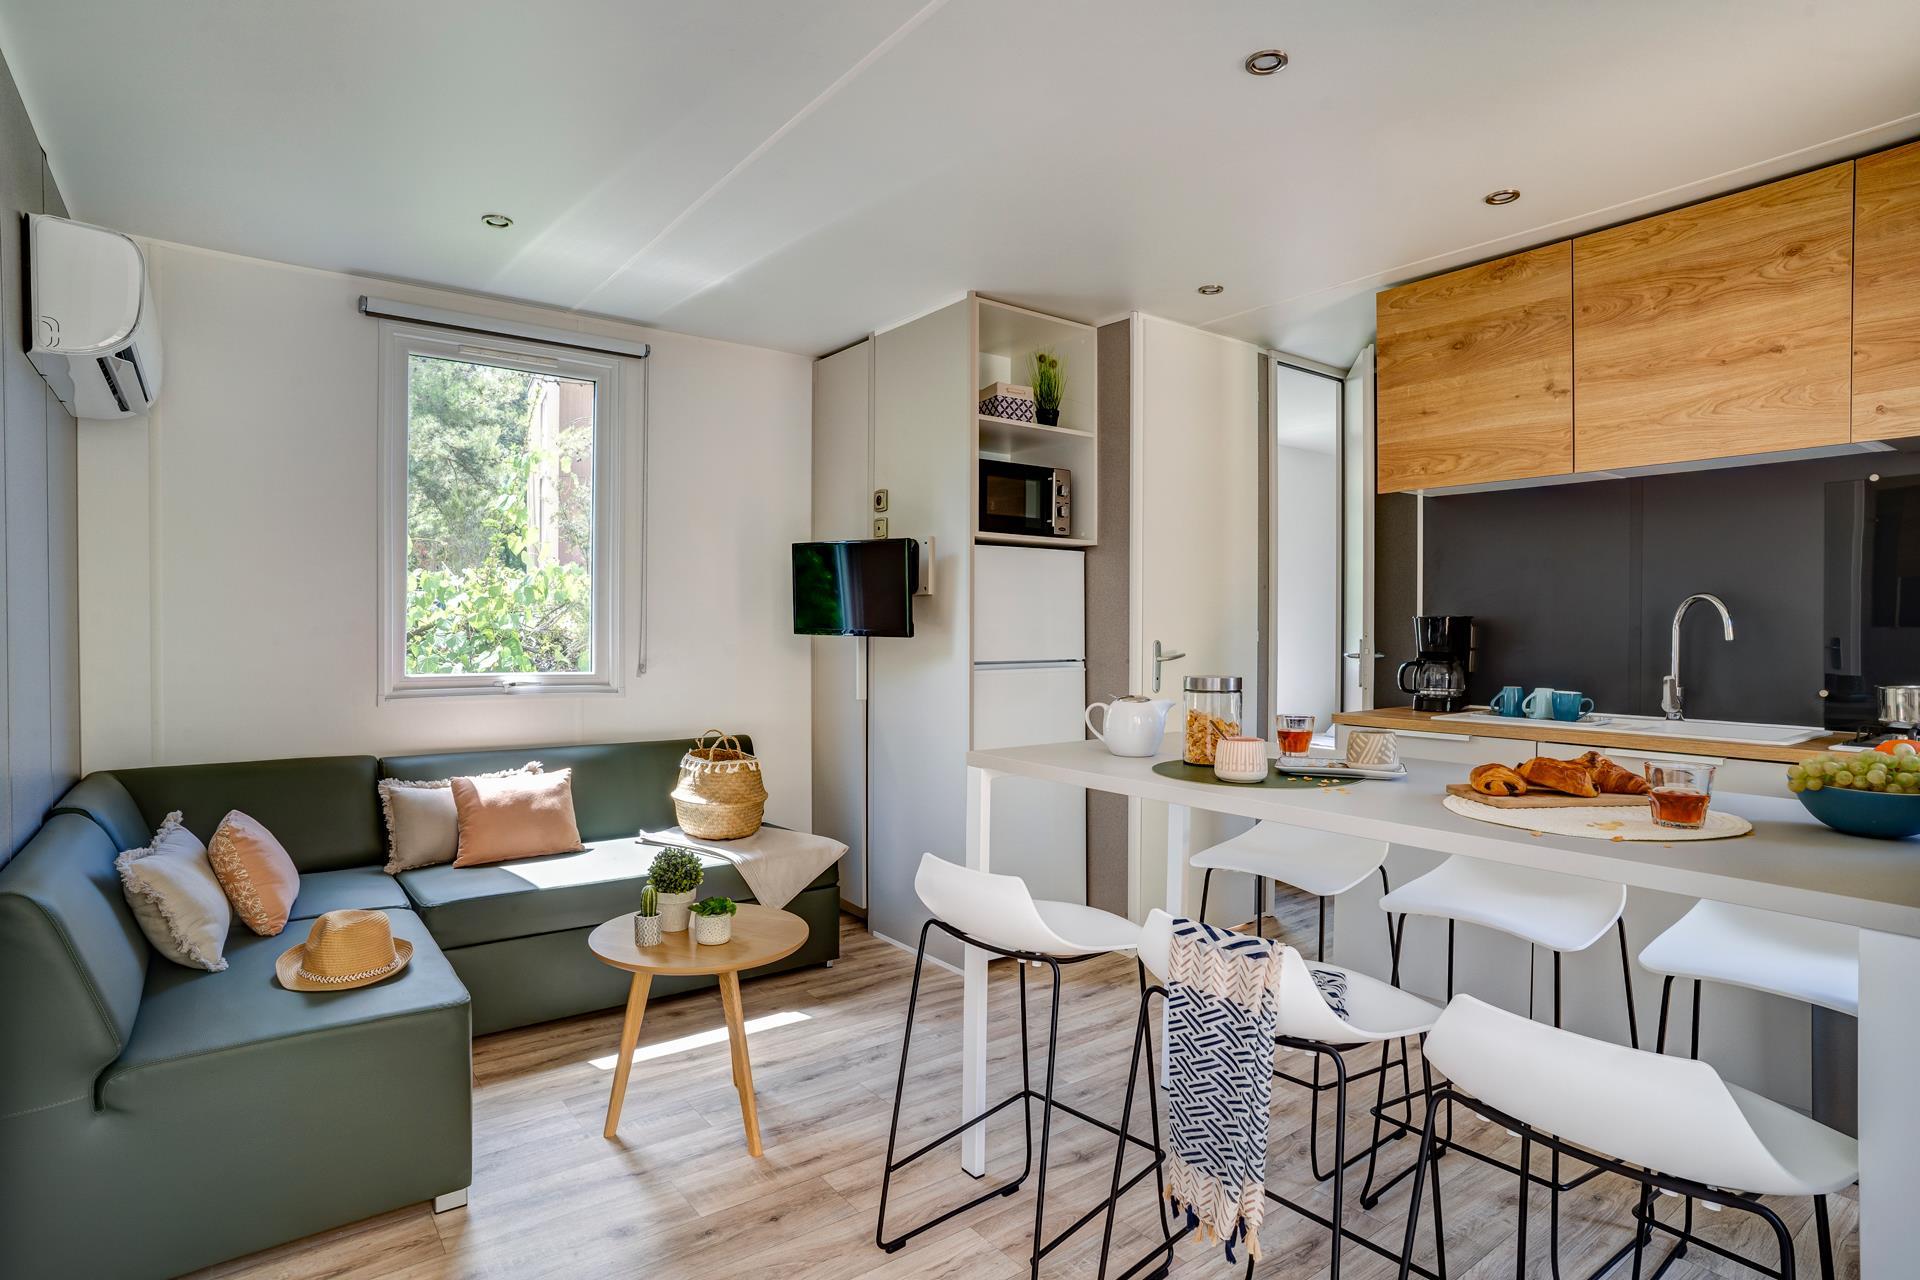 Location - Cottage 3 Chambres **** - Camping Sandaya Paris Maisons-Laffitte